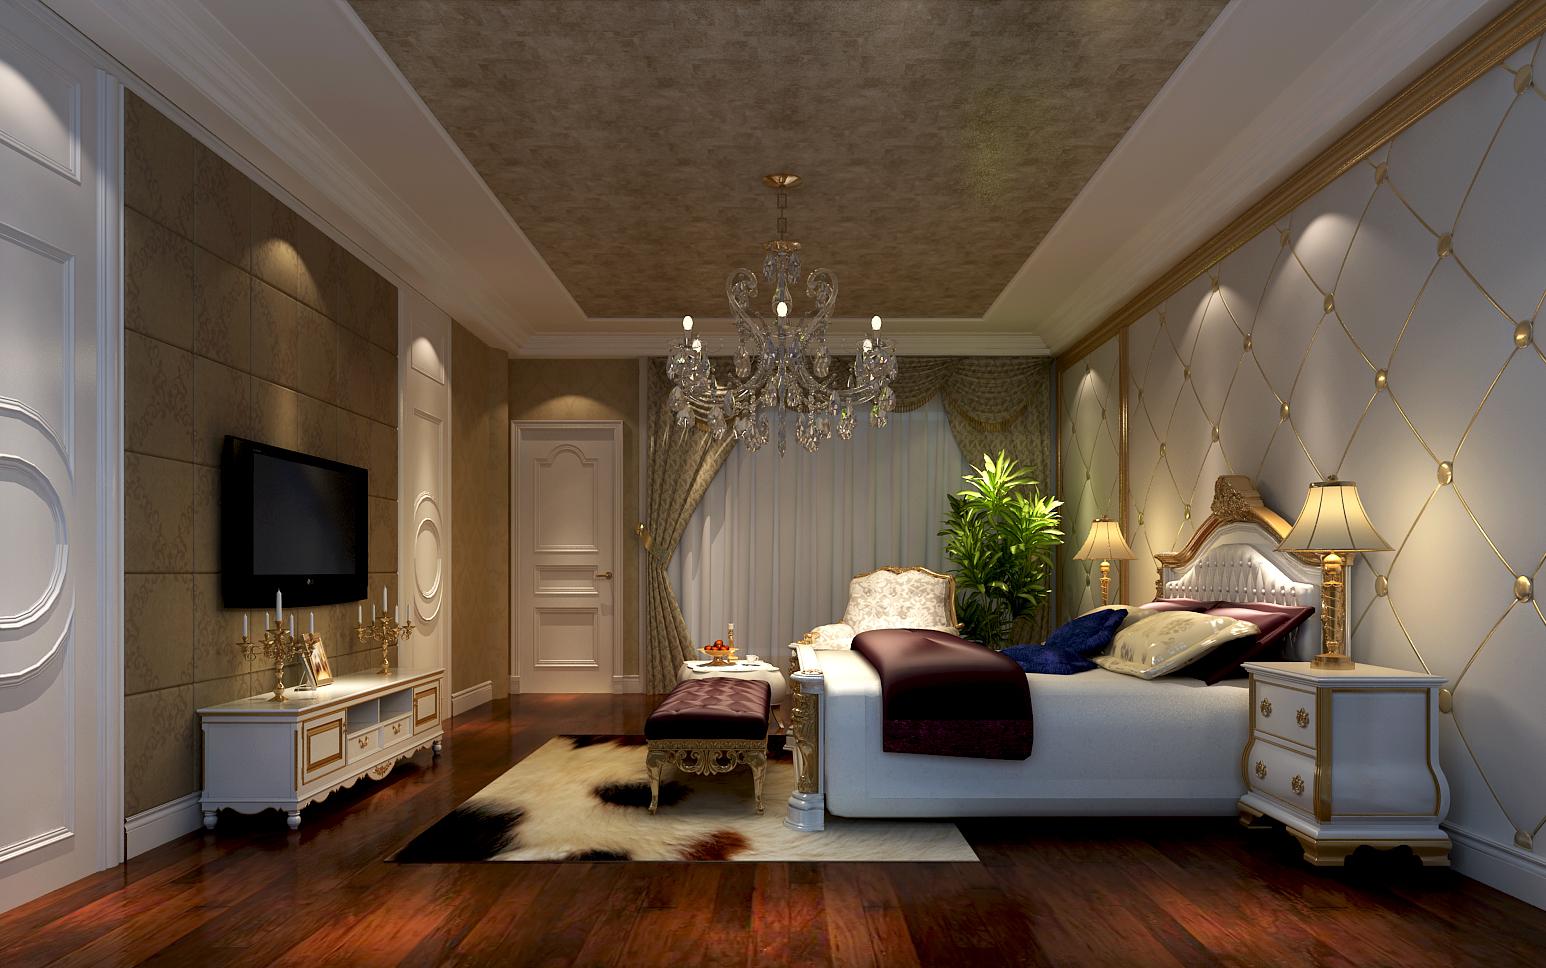 简约 欧式 混搭 别墅 二居 收纳 80后 小资 高度国际 卧室图片来自高度国际王慧芳在卡尔生活馆的分享